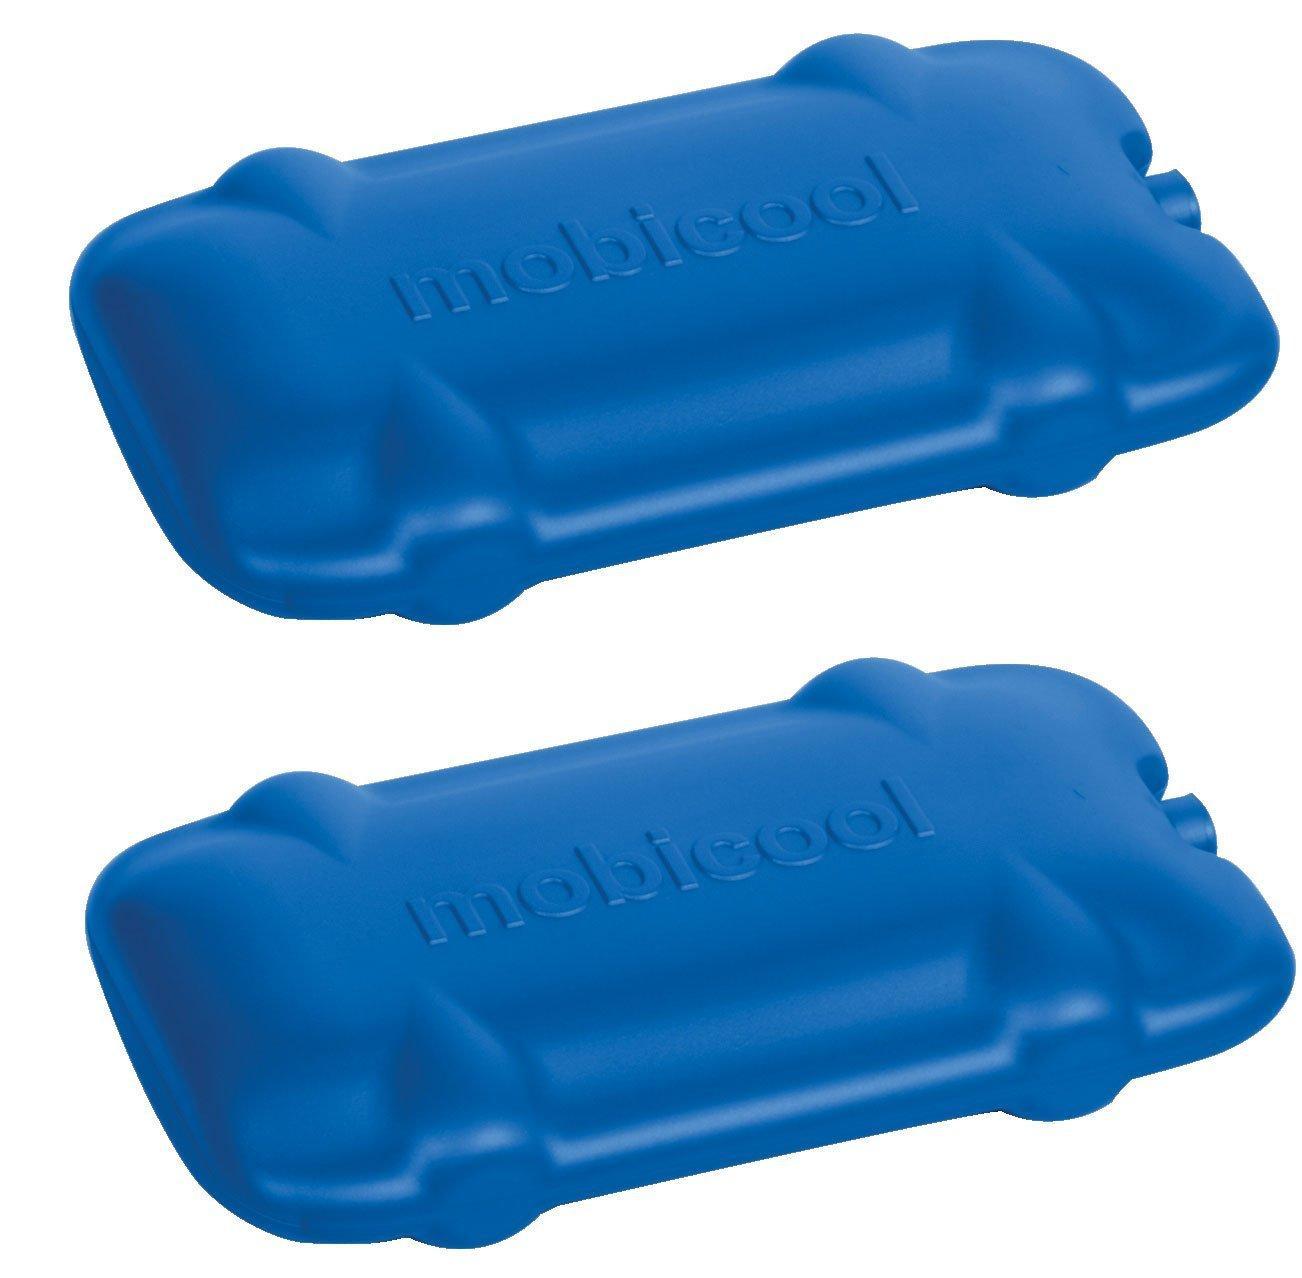 Аккумулятор холода Mobicool Ice Pack, 400 г, 2 шт аккумулятор холода natura slim цвет белый 400 мл